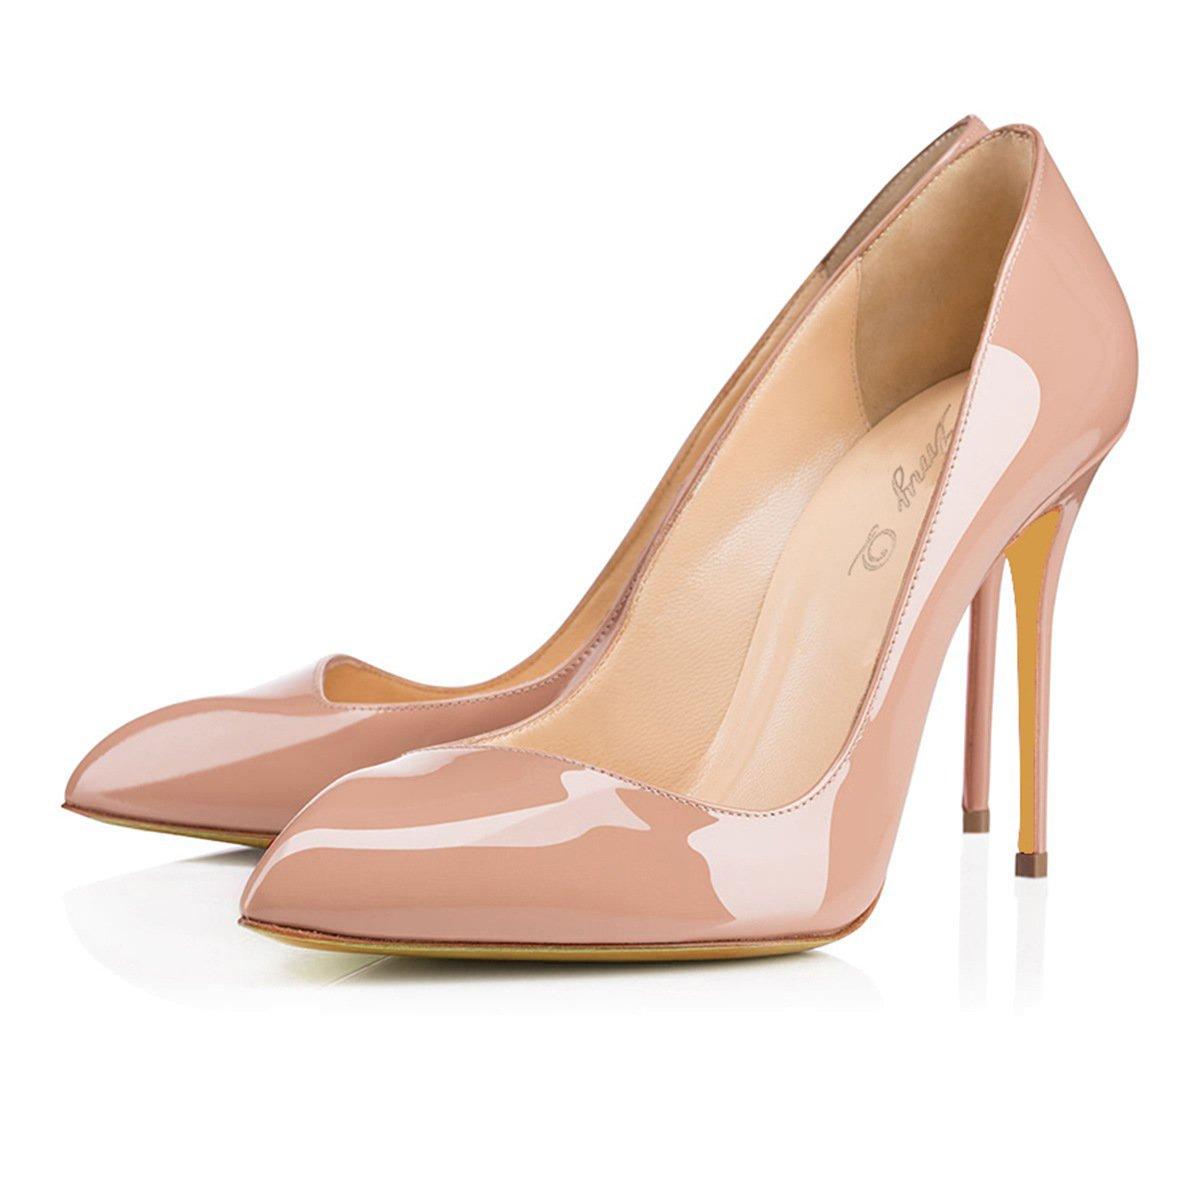 XUE Damenschuhe PU Frühjahr Sommer wies Schuhe Heels Stiletto Heel Hochzeit Party & Abend Kleid formelle Business Arbeit schwarz, Nude (Farbe   B, Größe   38) B07DQGWYHH Tanzschuhe Internationale Wahl